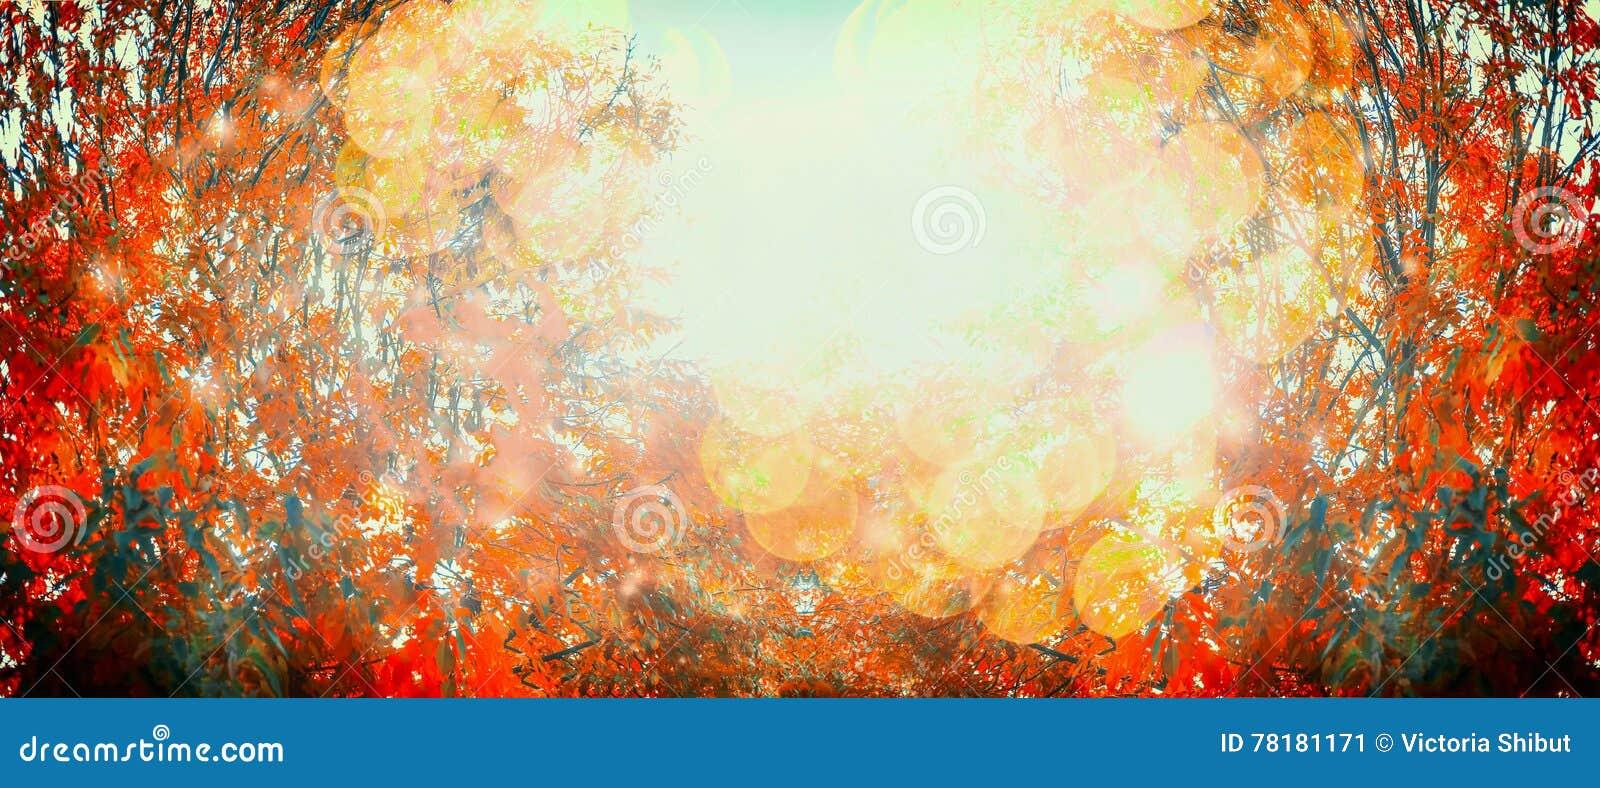 Schöner Herbsttag mit rotem Herbstlaub und Sonnenlicht, Naturhintergrund im Freien, Fahne